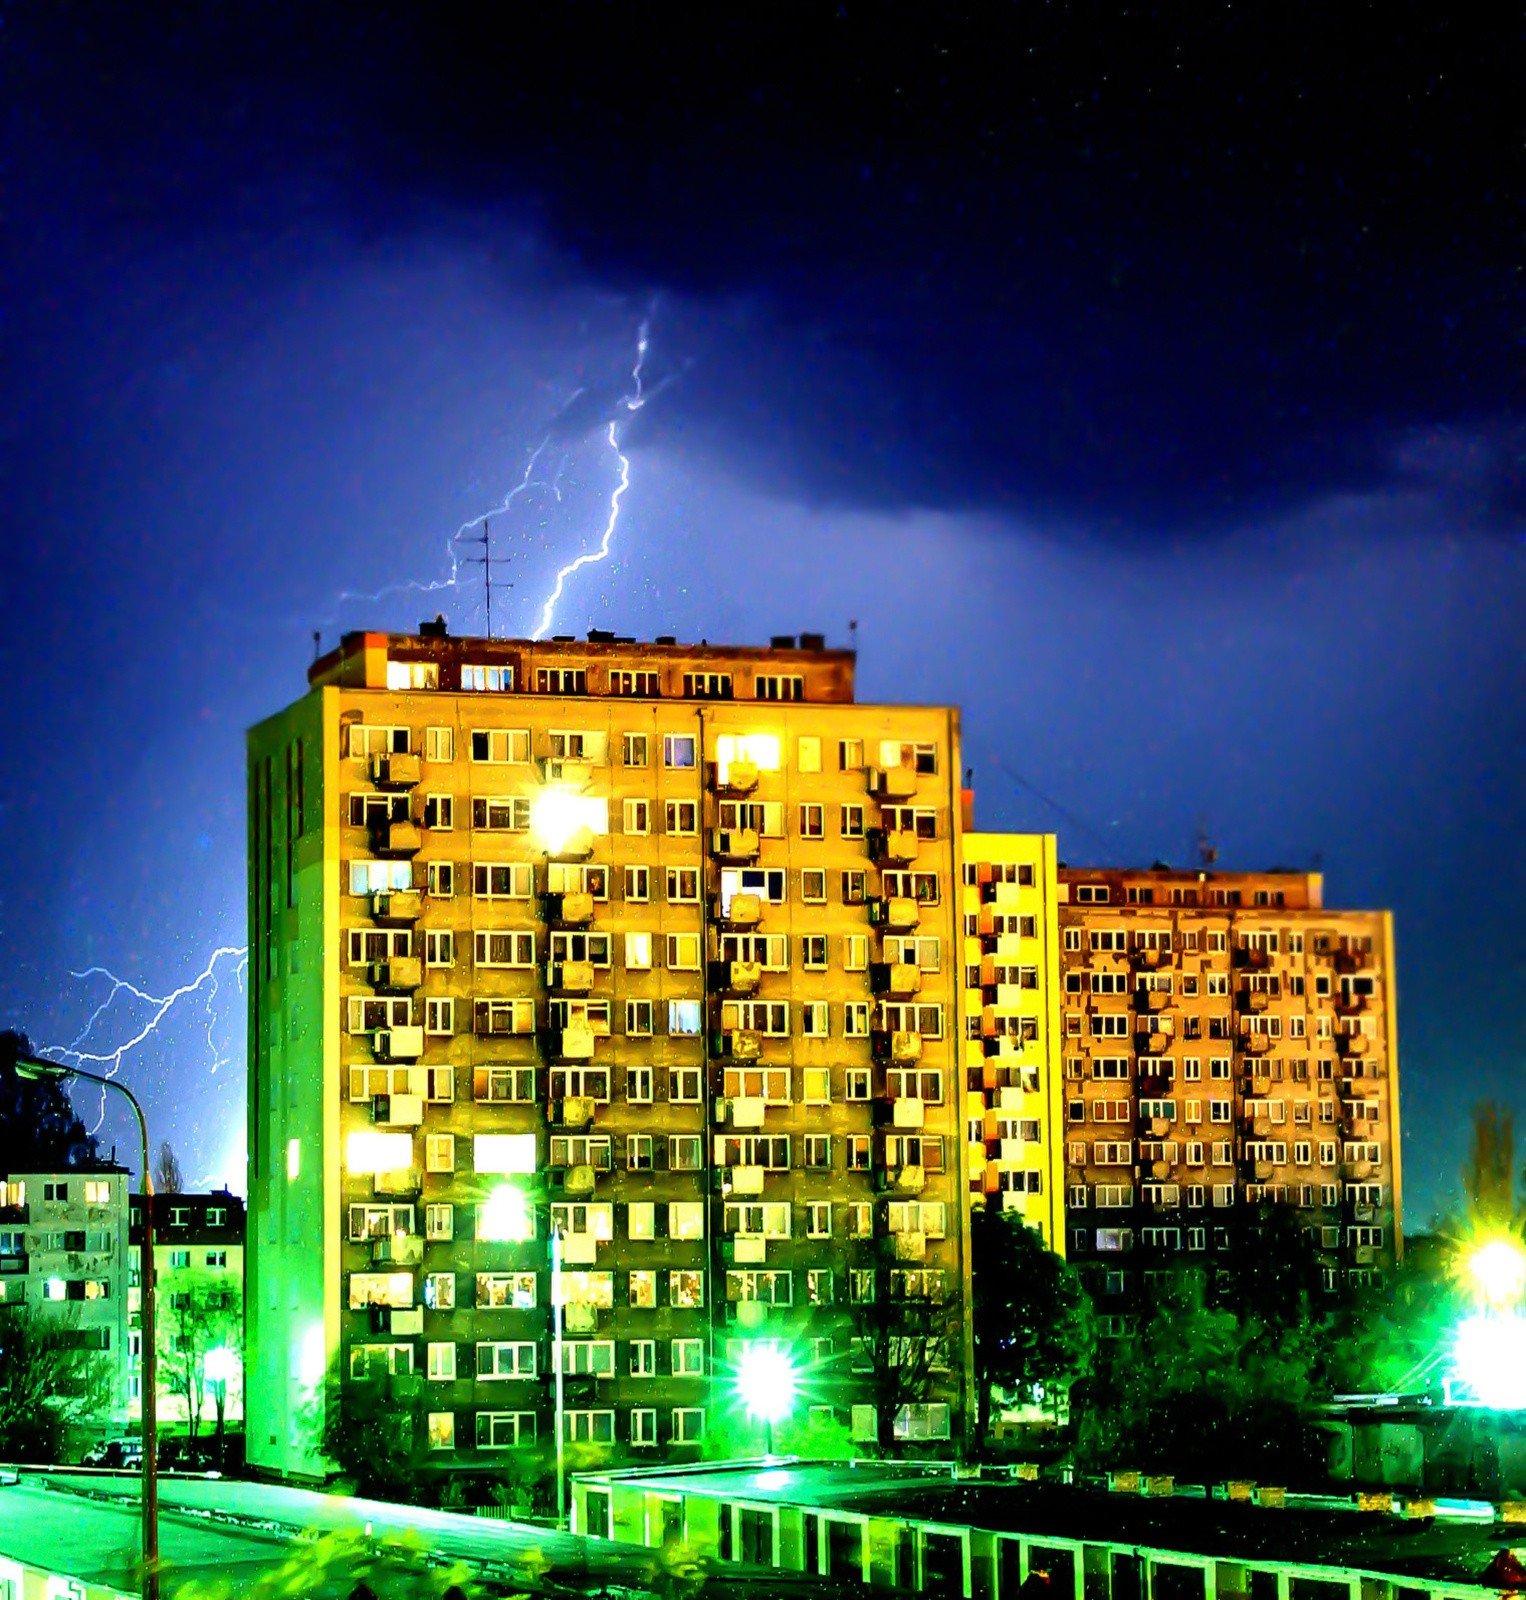 Gdzie jest dziś burza w Polsce? Ostrzeżenia IMGW! Radar burzowy online. Możliwe wichury w Polsce [8.06.2020 r.] | Gazeta Pomorska